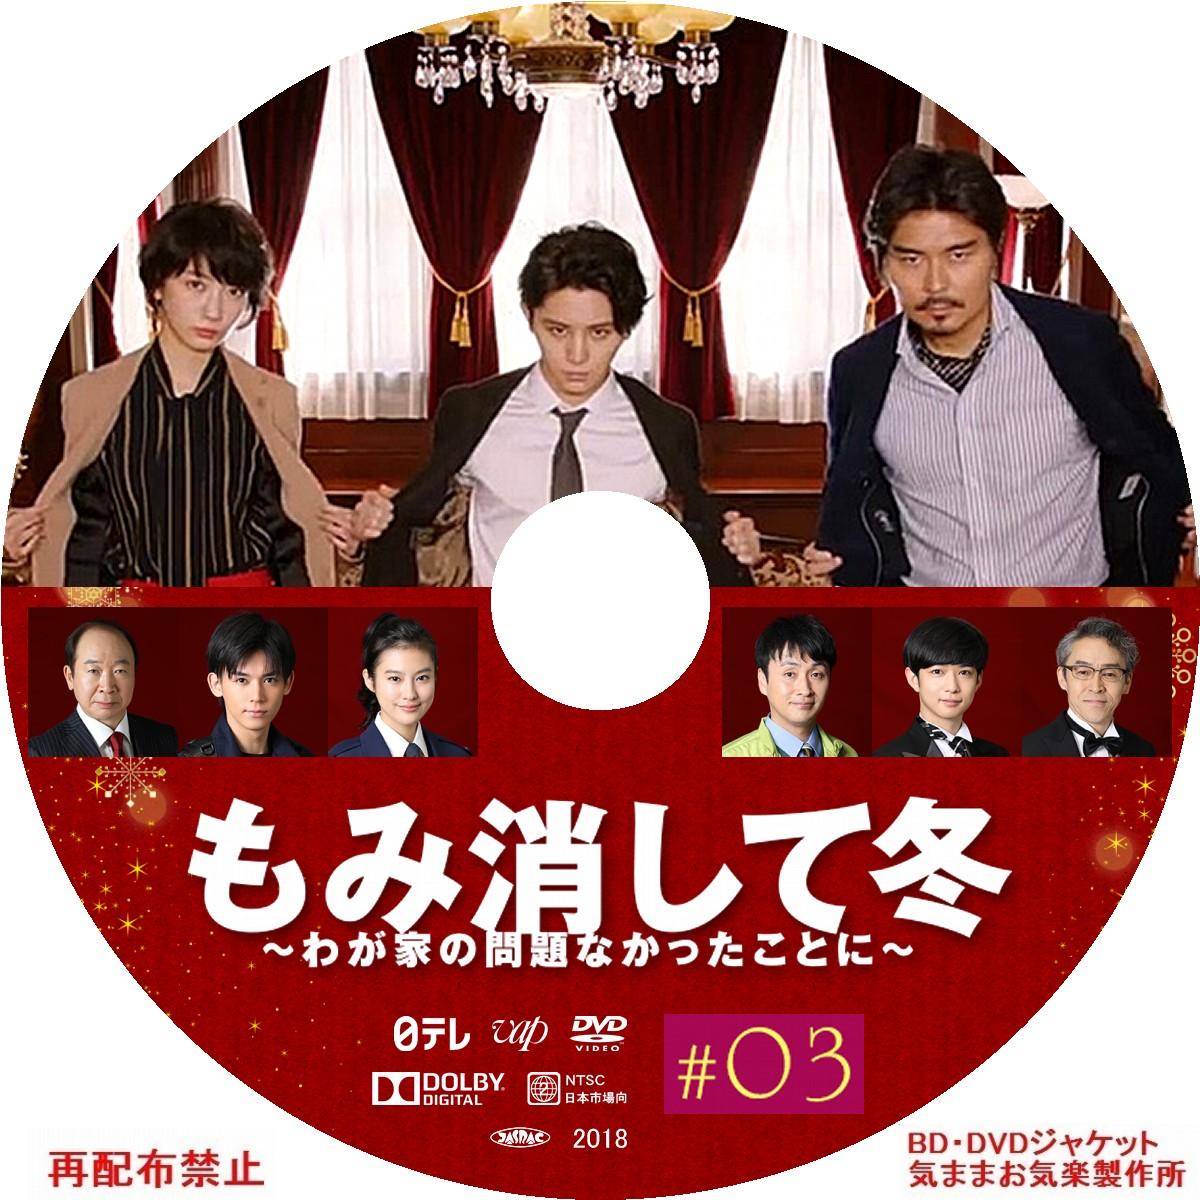 momikeshite_fuyu_DVD03.jpg